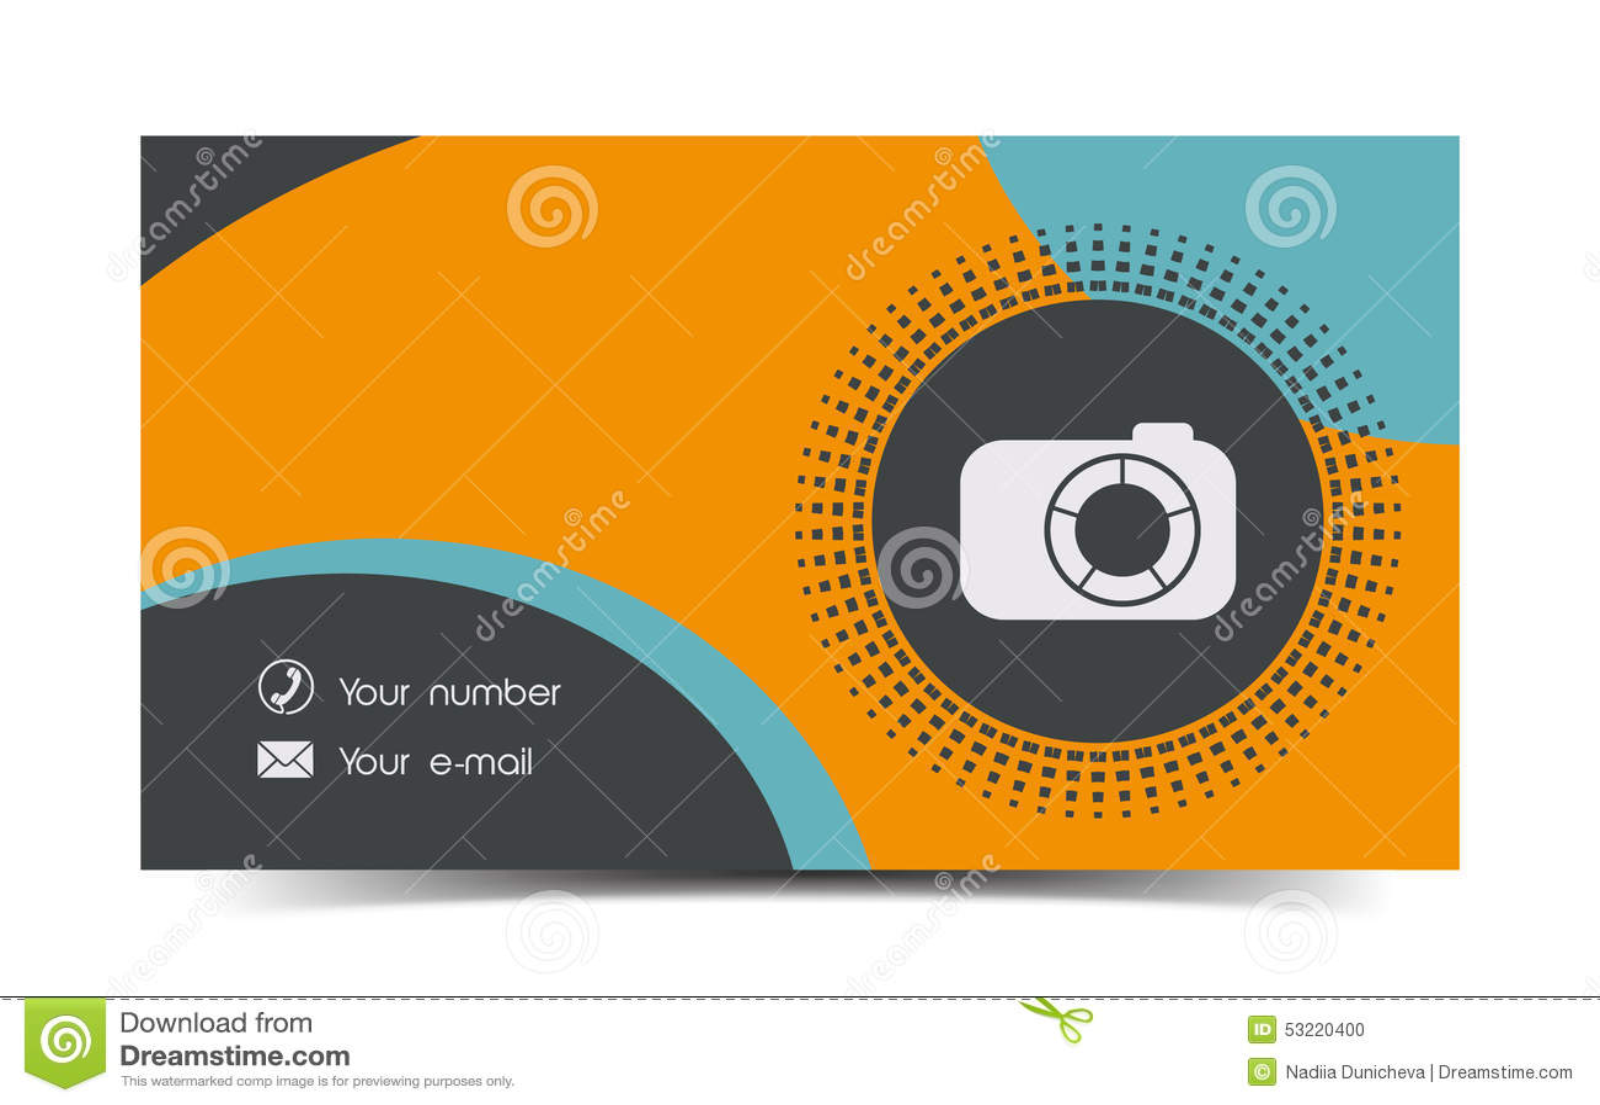 Carte De Visite Professionnelle Photographe Dans Un Style Plat